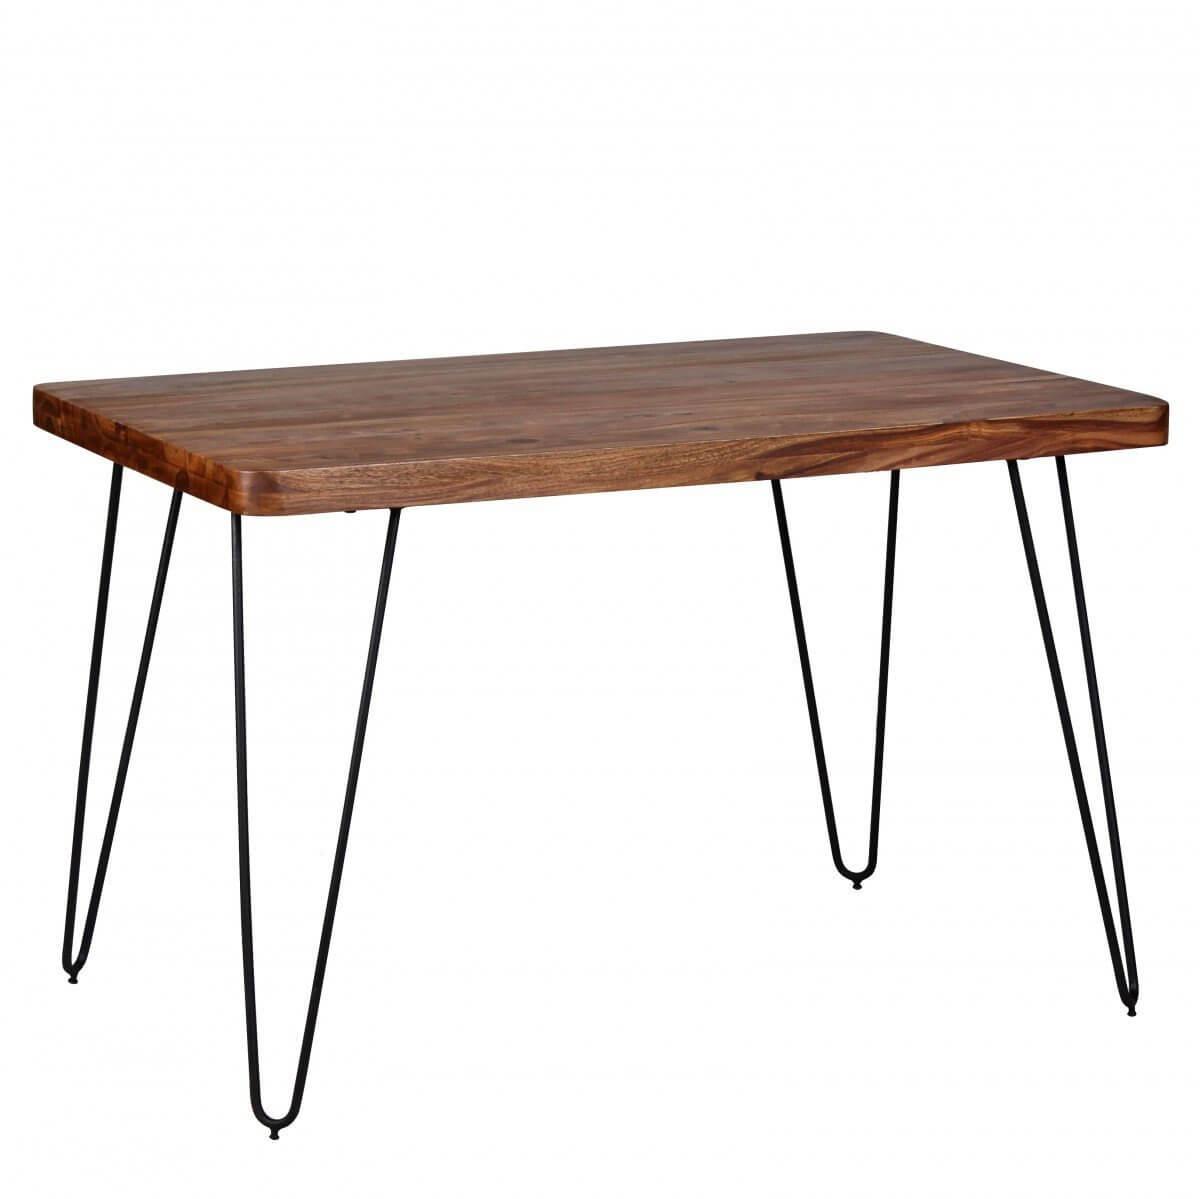 esstisch massivholz k chentisch wohnling mit metallbeinen. Black Bedroom Furniture Sets. Home Design Ideas